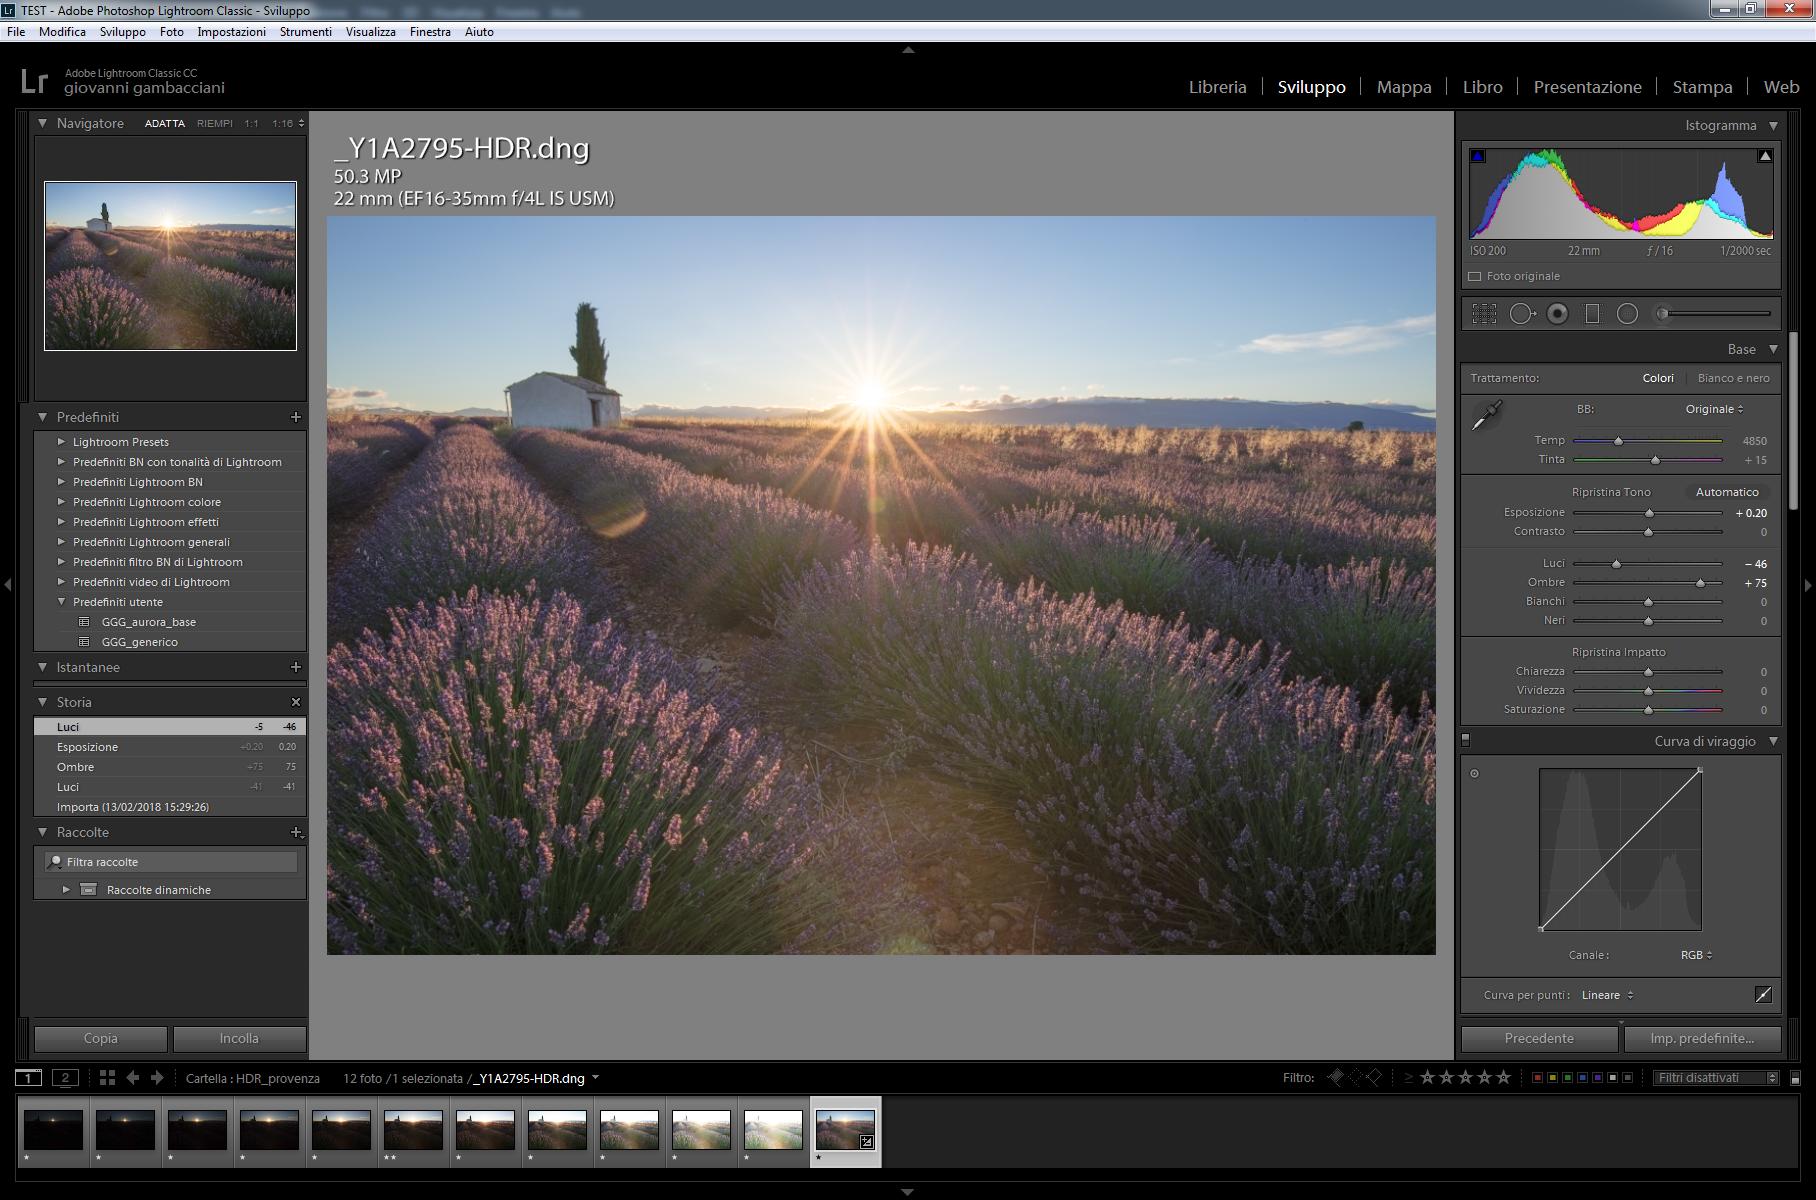 Pillole di Fotografia  LR7.1_Lenovo_HDR_Finale Nuovo LightRoom v7.2 ... Finalmente un pò di velocità!